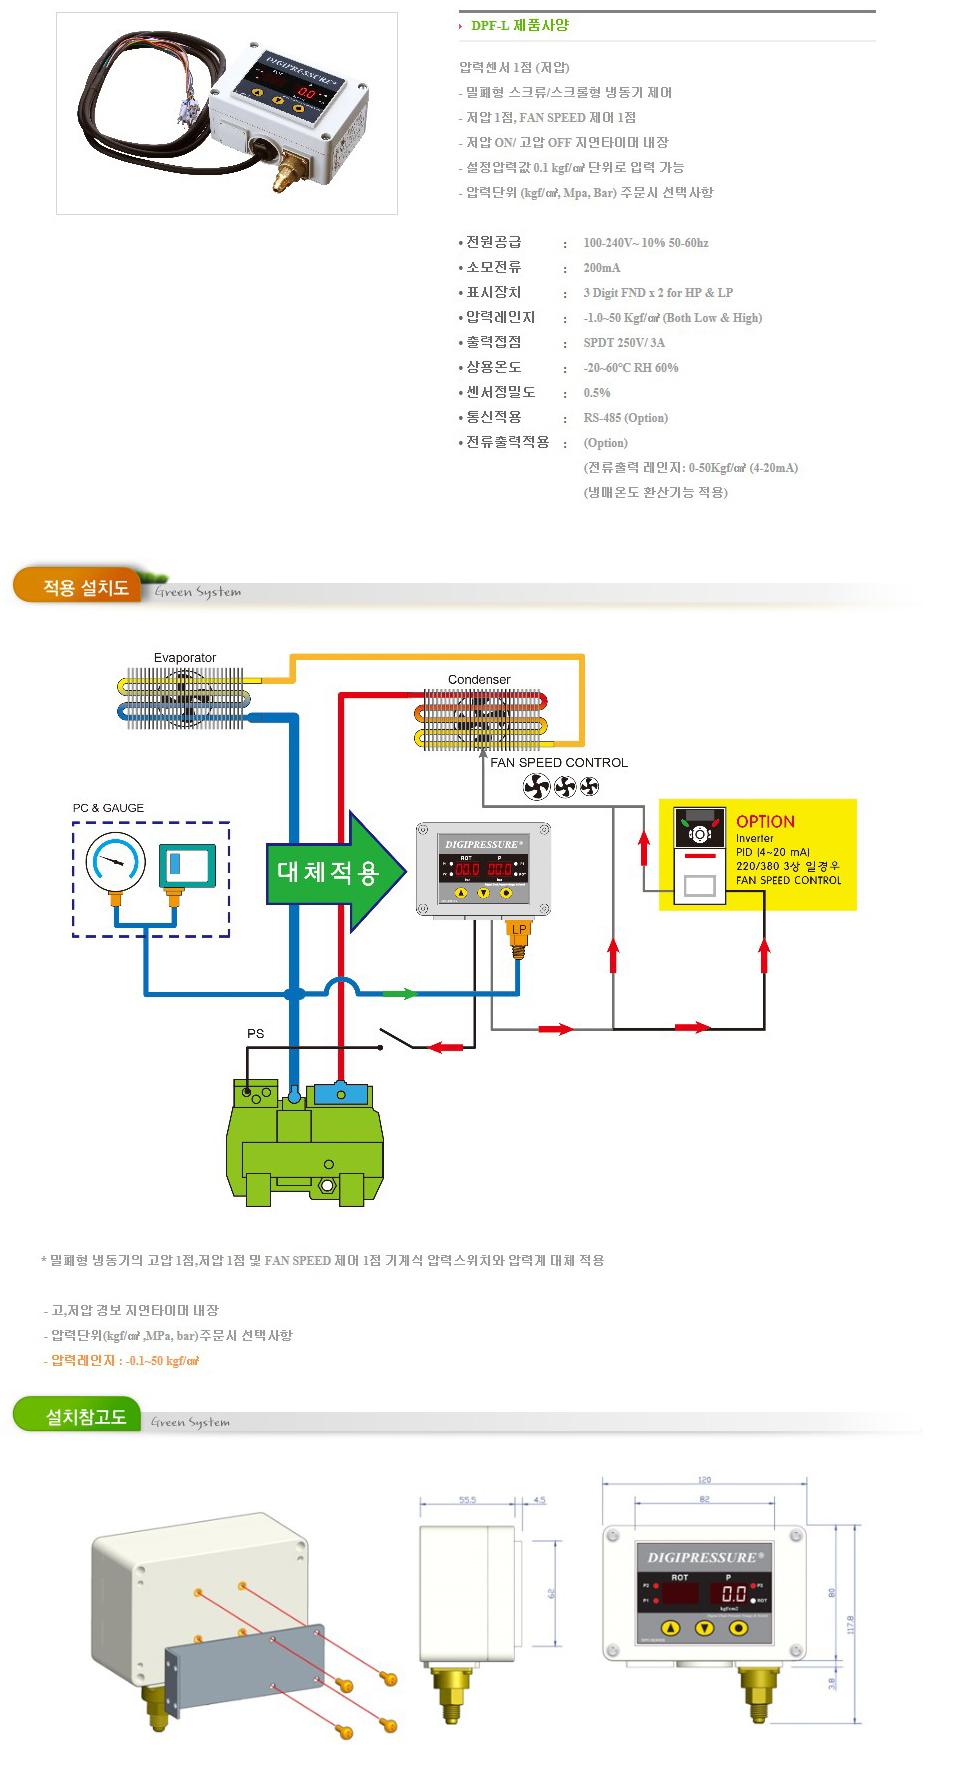 그린시스템 Cond Fan Speed Controller DPF-L 1